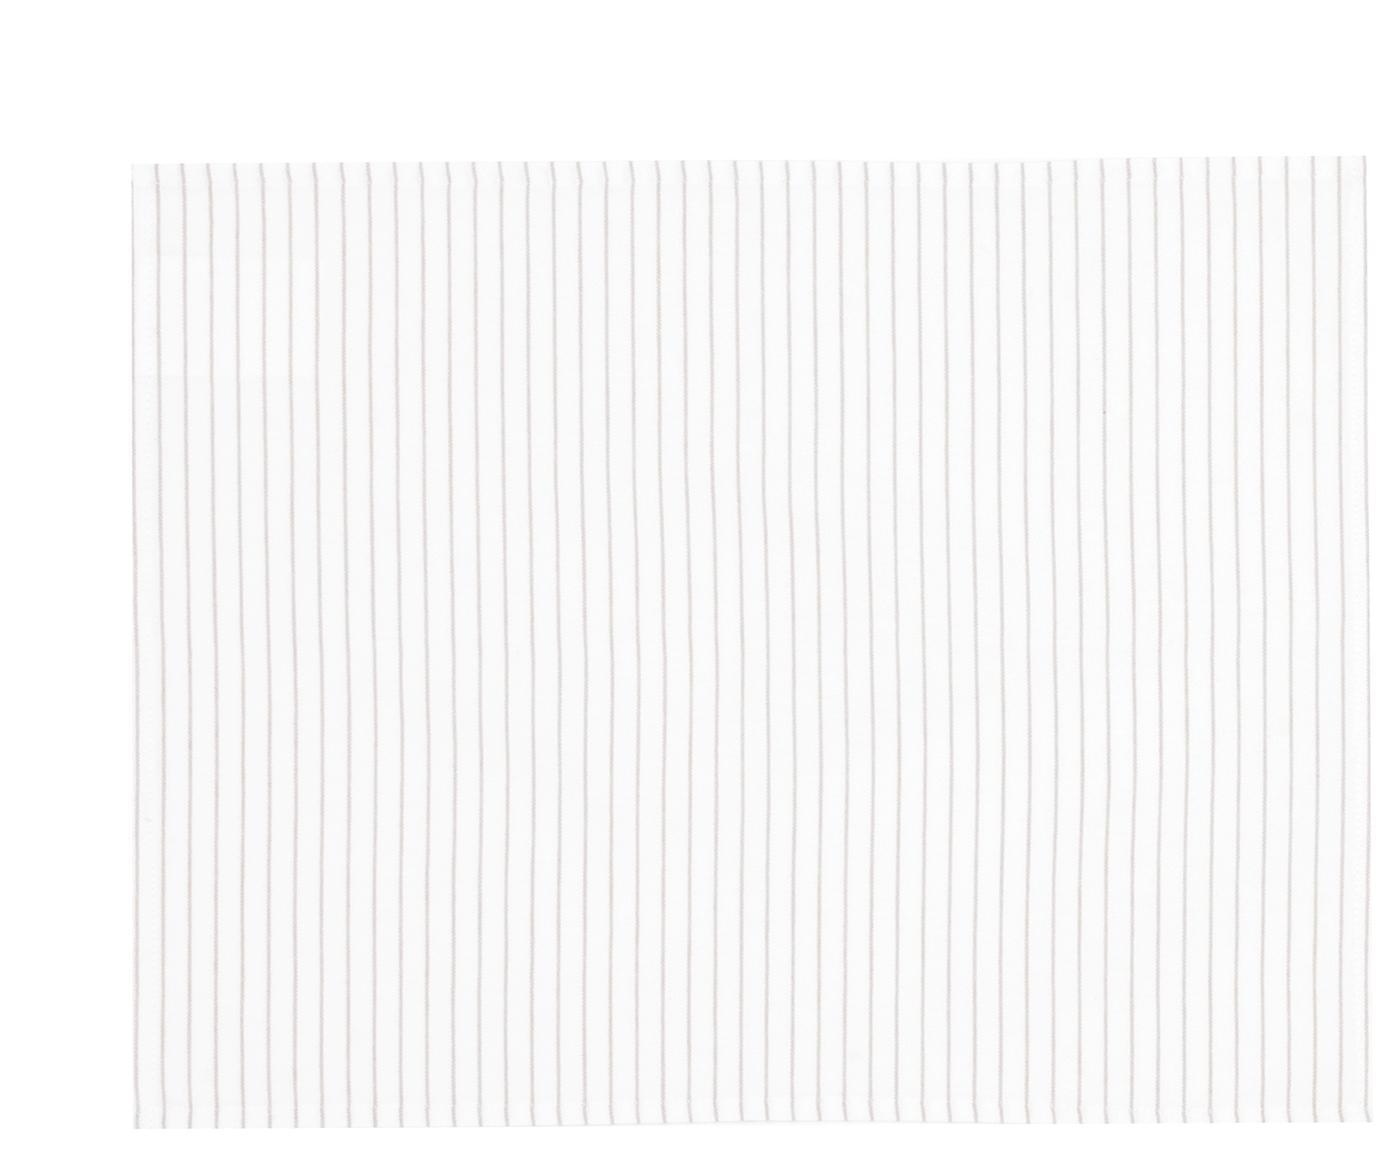 Tischsets Nicole aus Baumwolle, 2 Stück, Baumwolle, Weiß, Beige, 40 x 50 cm